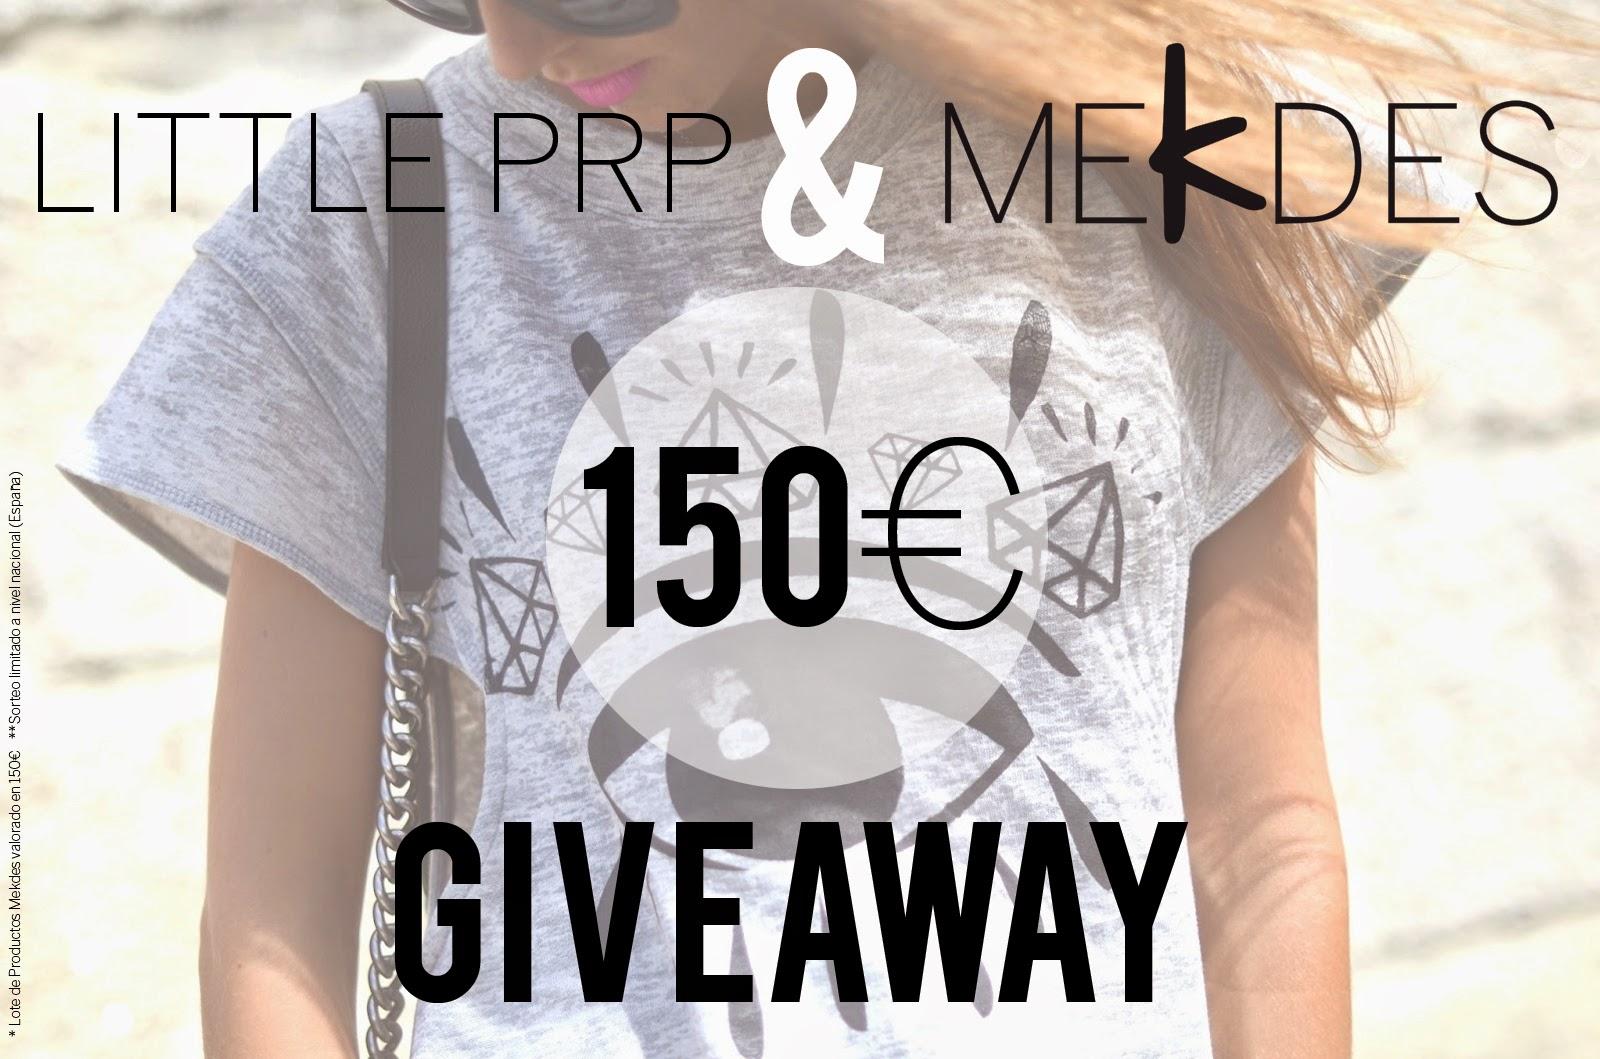 http://littleprp.blogspot.com.es/2014/09/mekdes-giveaway.html